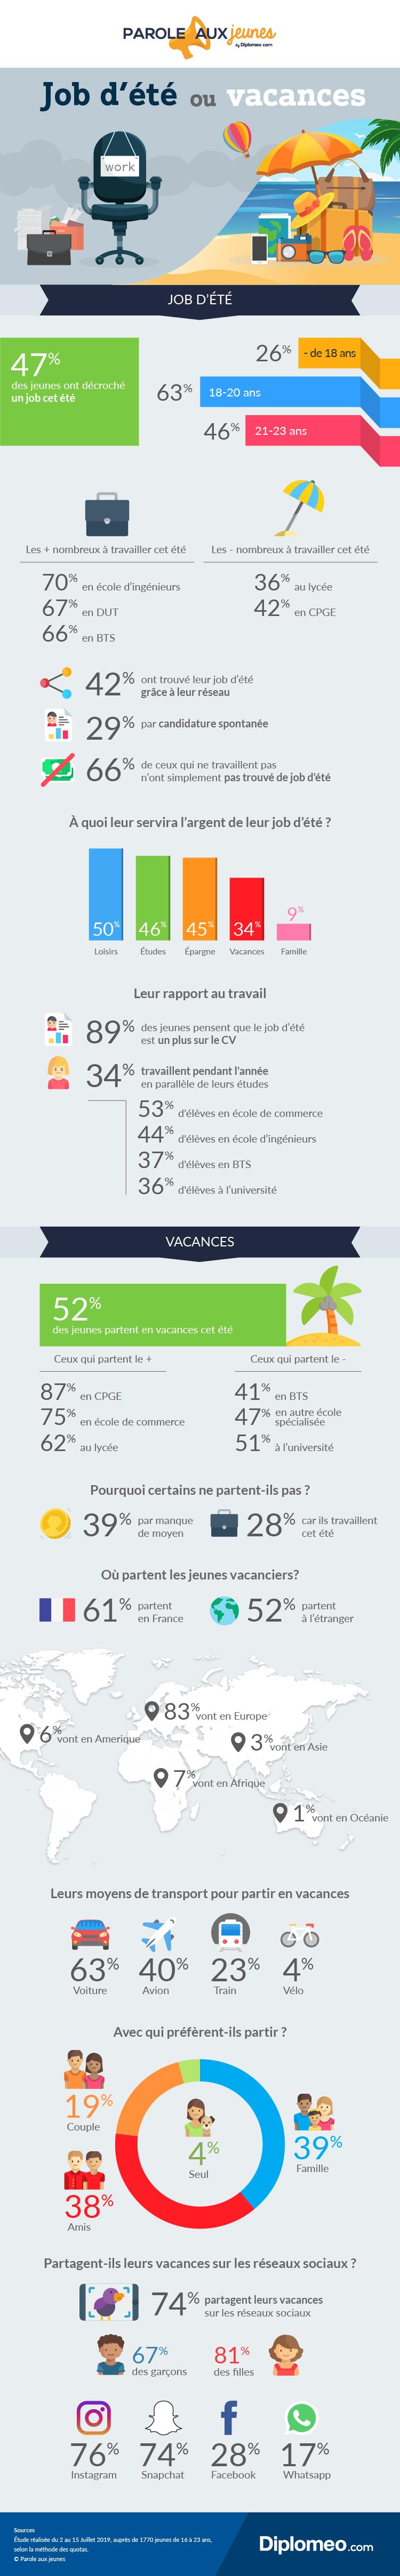 Job d'été ou vacances